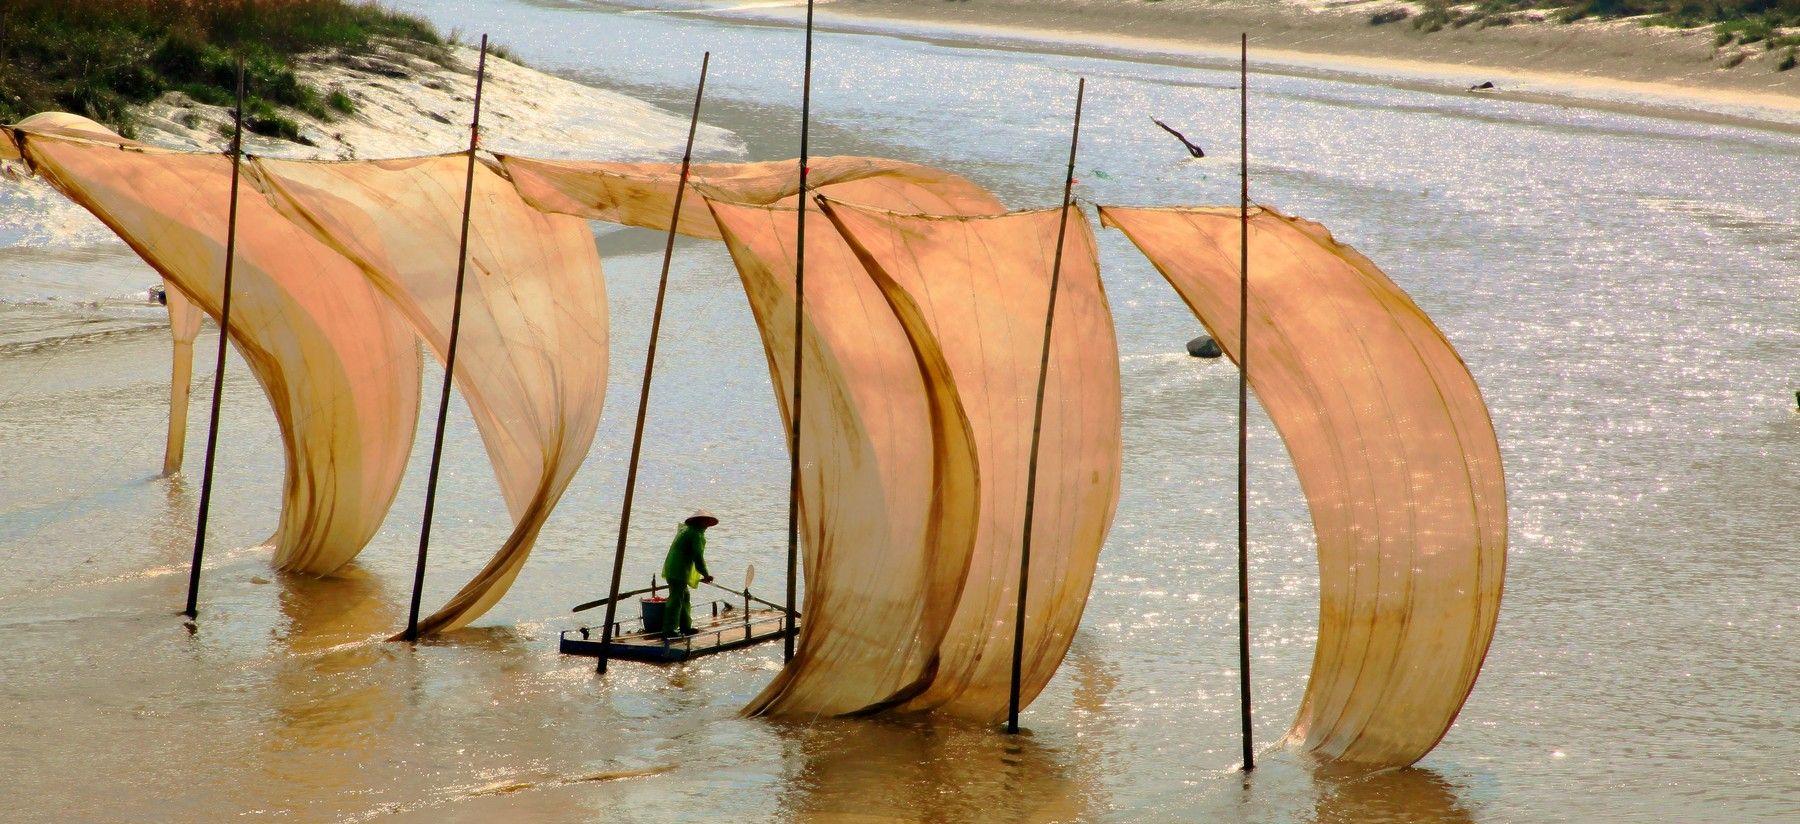 风光摄影:霞浦之瓦窑挂网